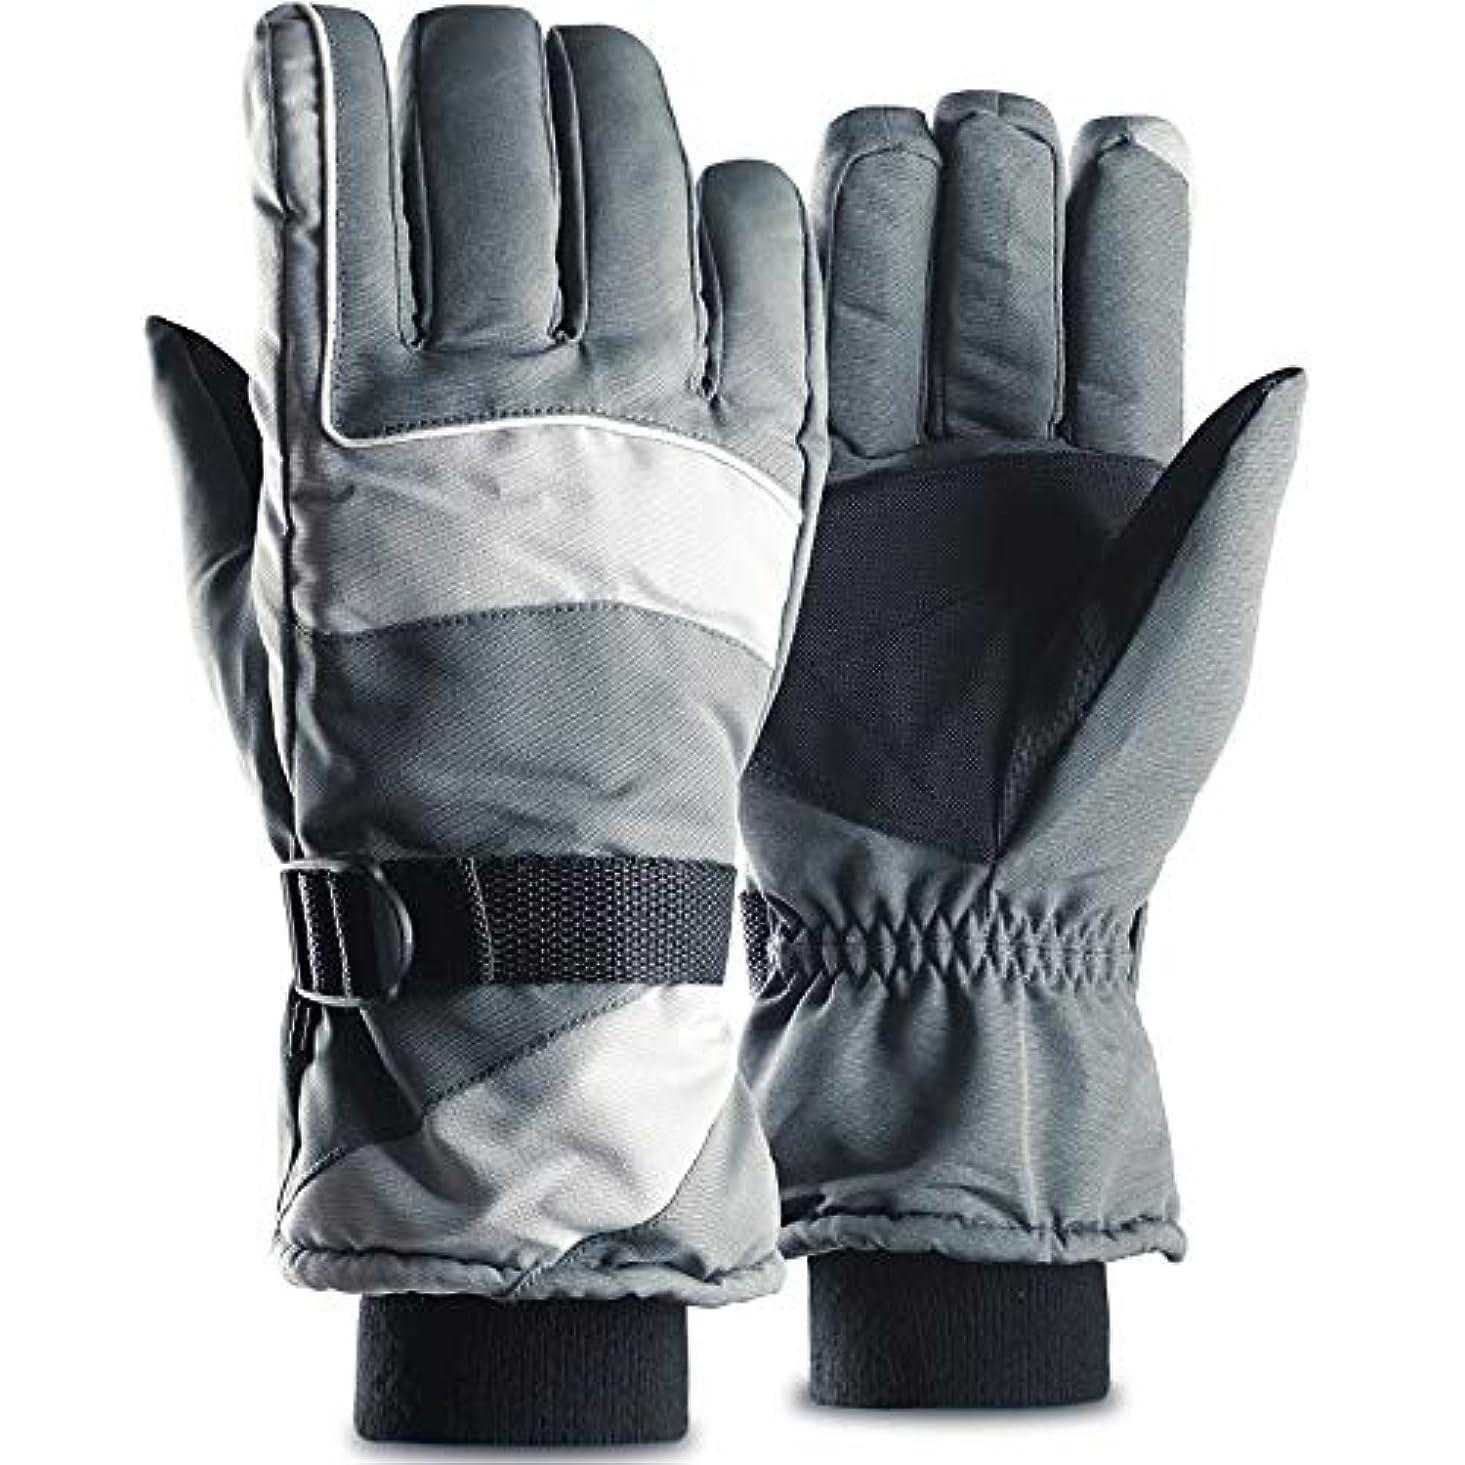 クローゼット過半数オアシススキーの男性と女性の冬の暖かいプラスベルベット肥厚屋外スポーツライディングオートバイの防水windproof滑り止め手袋